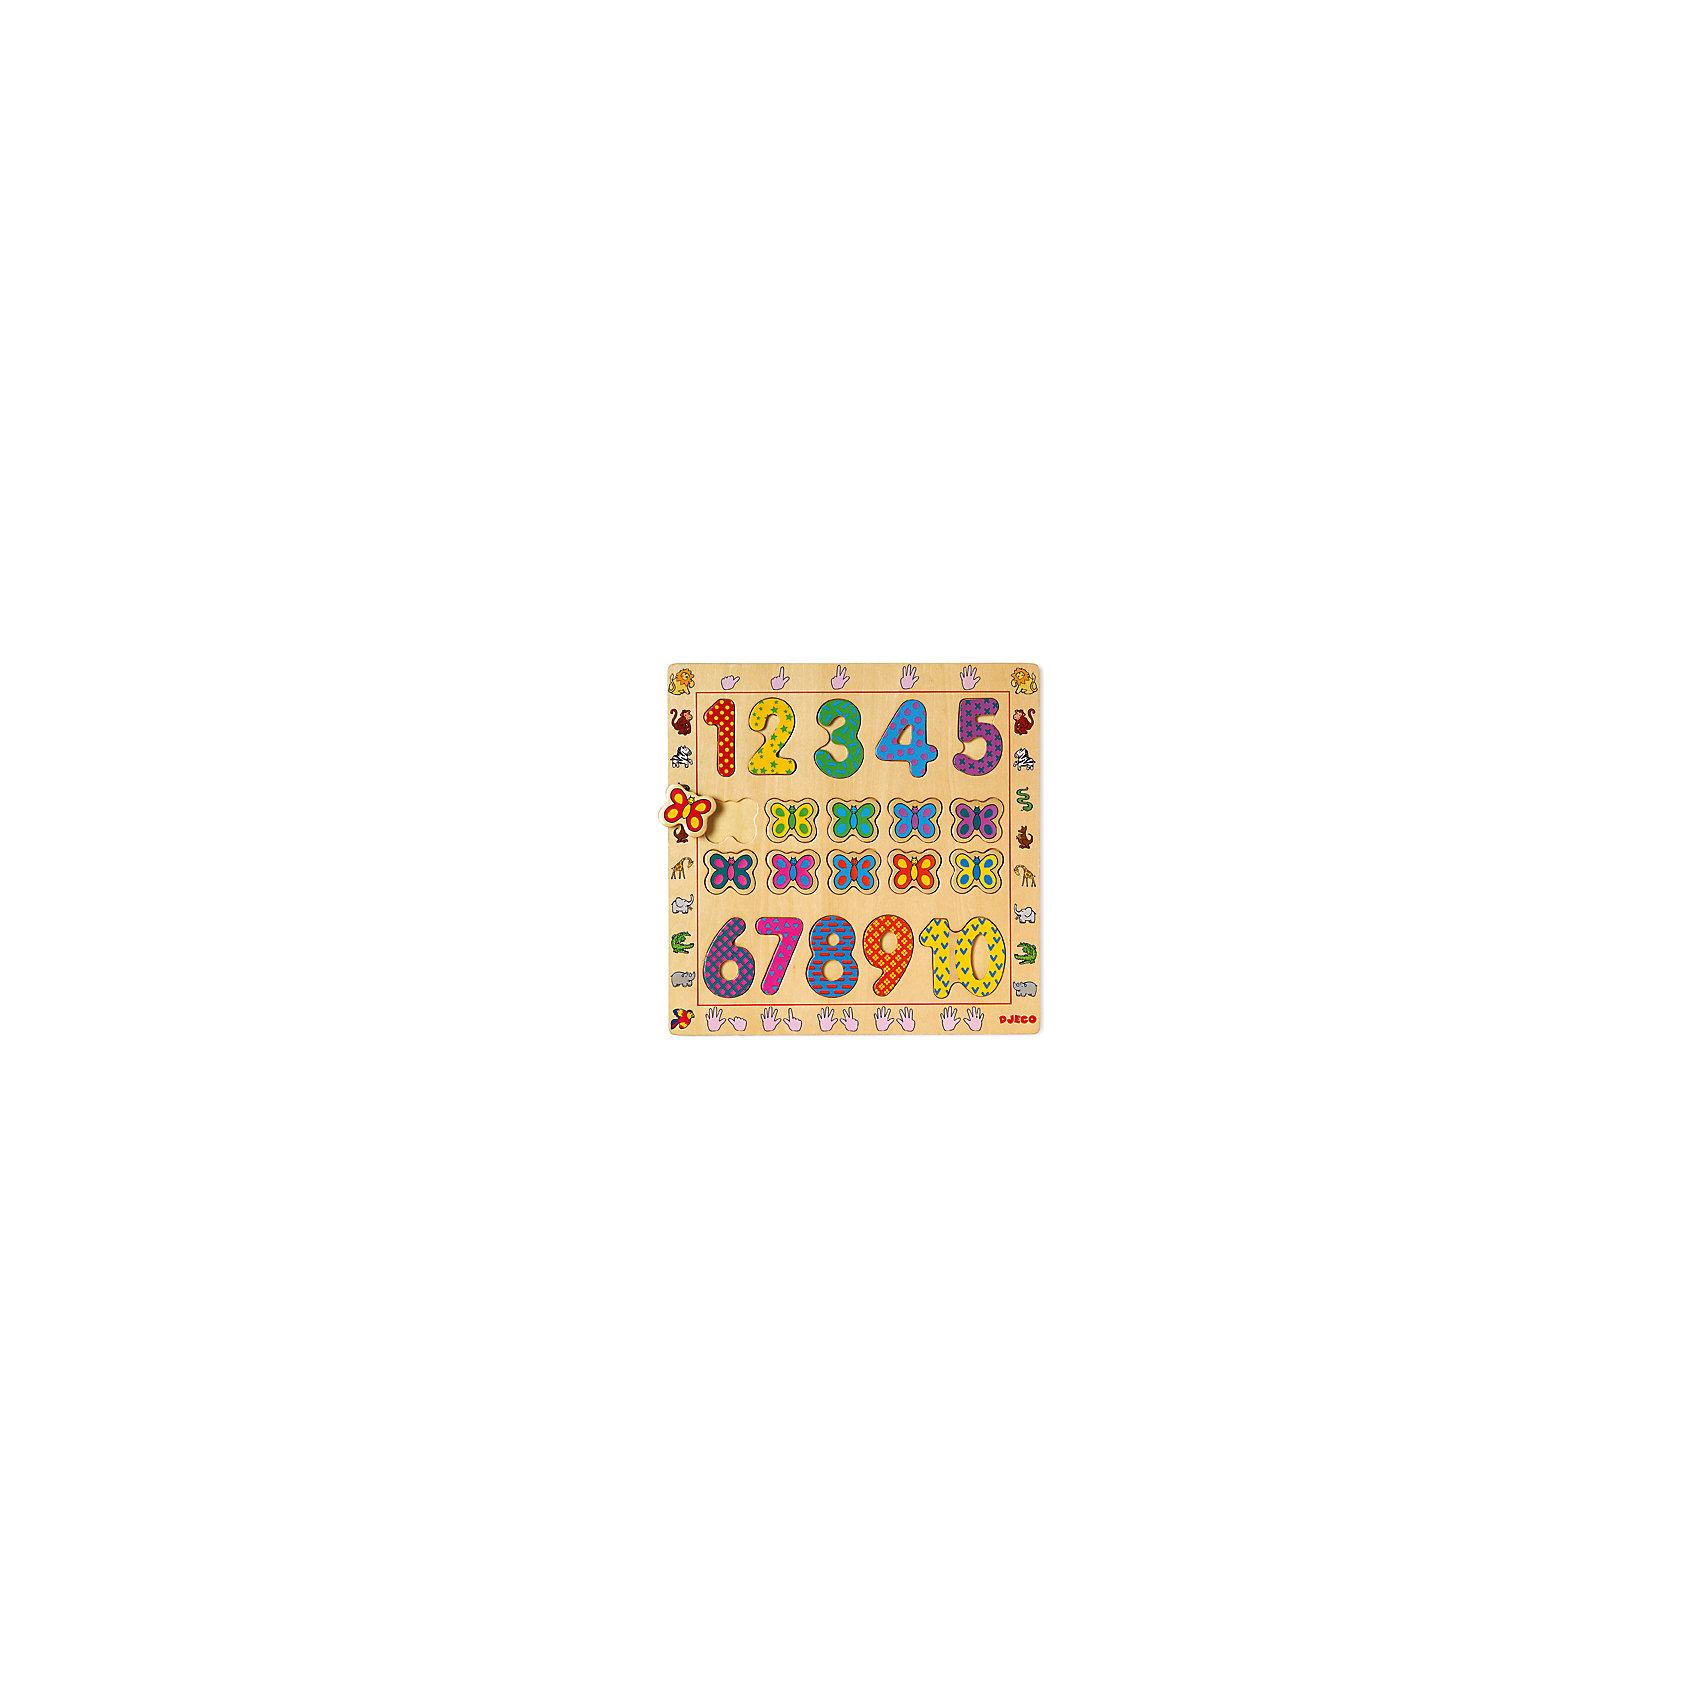 Деревянная рамка-вкладыш Цифры, DJECOДеревянные игры и пазлы<br>Деревянная рамка-вкладыш Цифры, Djeco (Джеко), в веселой игровой форме познакомит Вашего малыша с цифрами от 1 до 10. На деревянной доске расположены ячейки, в которые нужно поместить соответствующие элементы с цифрами и нарядными бабочками. Каждый элемент имеет яркую раскраску и украшен разнообразными узорами, что делает изучение счета еще интереснее. Игрушка изготовлена из качественного экологичного материала и покрыта нетоксичными красками. Раскладывая элементы по ячейкам малыш изучит счет и цвета, разовьет мелкую моторику пальцев, логику и воображение.<br><br>Дополнительная информация:<br><br>- Материал: дерево.<br>- Размер упаковки: 30 х 30 х 1 см.<br>- Вес: 0,56 кг. <br><br>Деревянную рамку-вкладыш Цифры, Djeco (Джеко), можно купить в нашем магазине.<br><br>Ширина мм: 300<br>Глубина мм: 300<br>Высота мм: 10<br>Вес г: 560<br>Возраст от месяцев: 24<br>Возраст до месяцев: 60<br>Пол: Унисекс<br>Возраст: Детский<br>SKU: 4566280